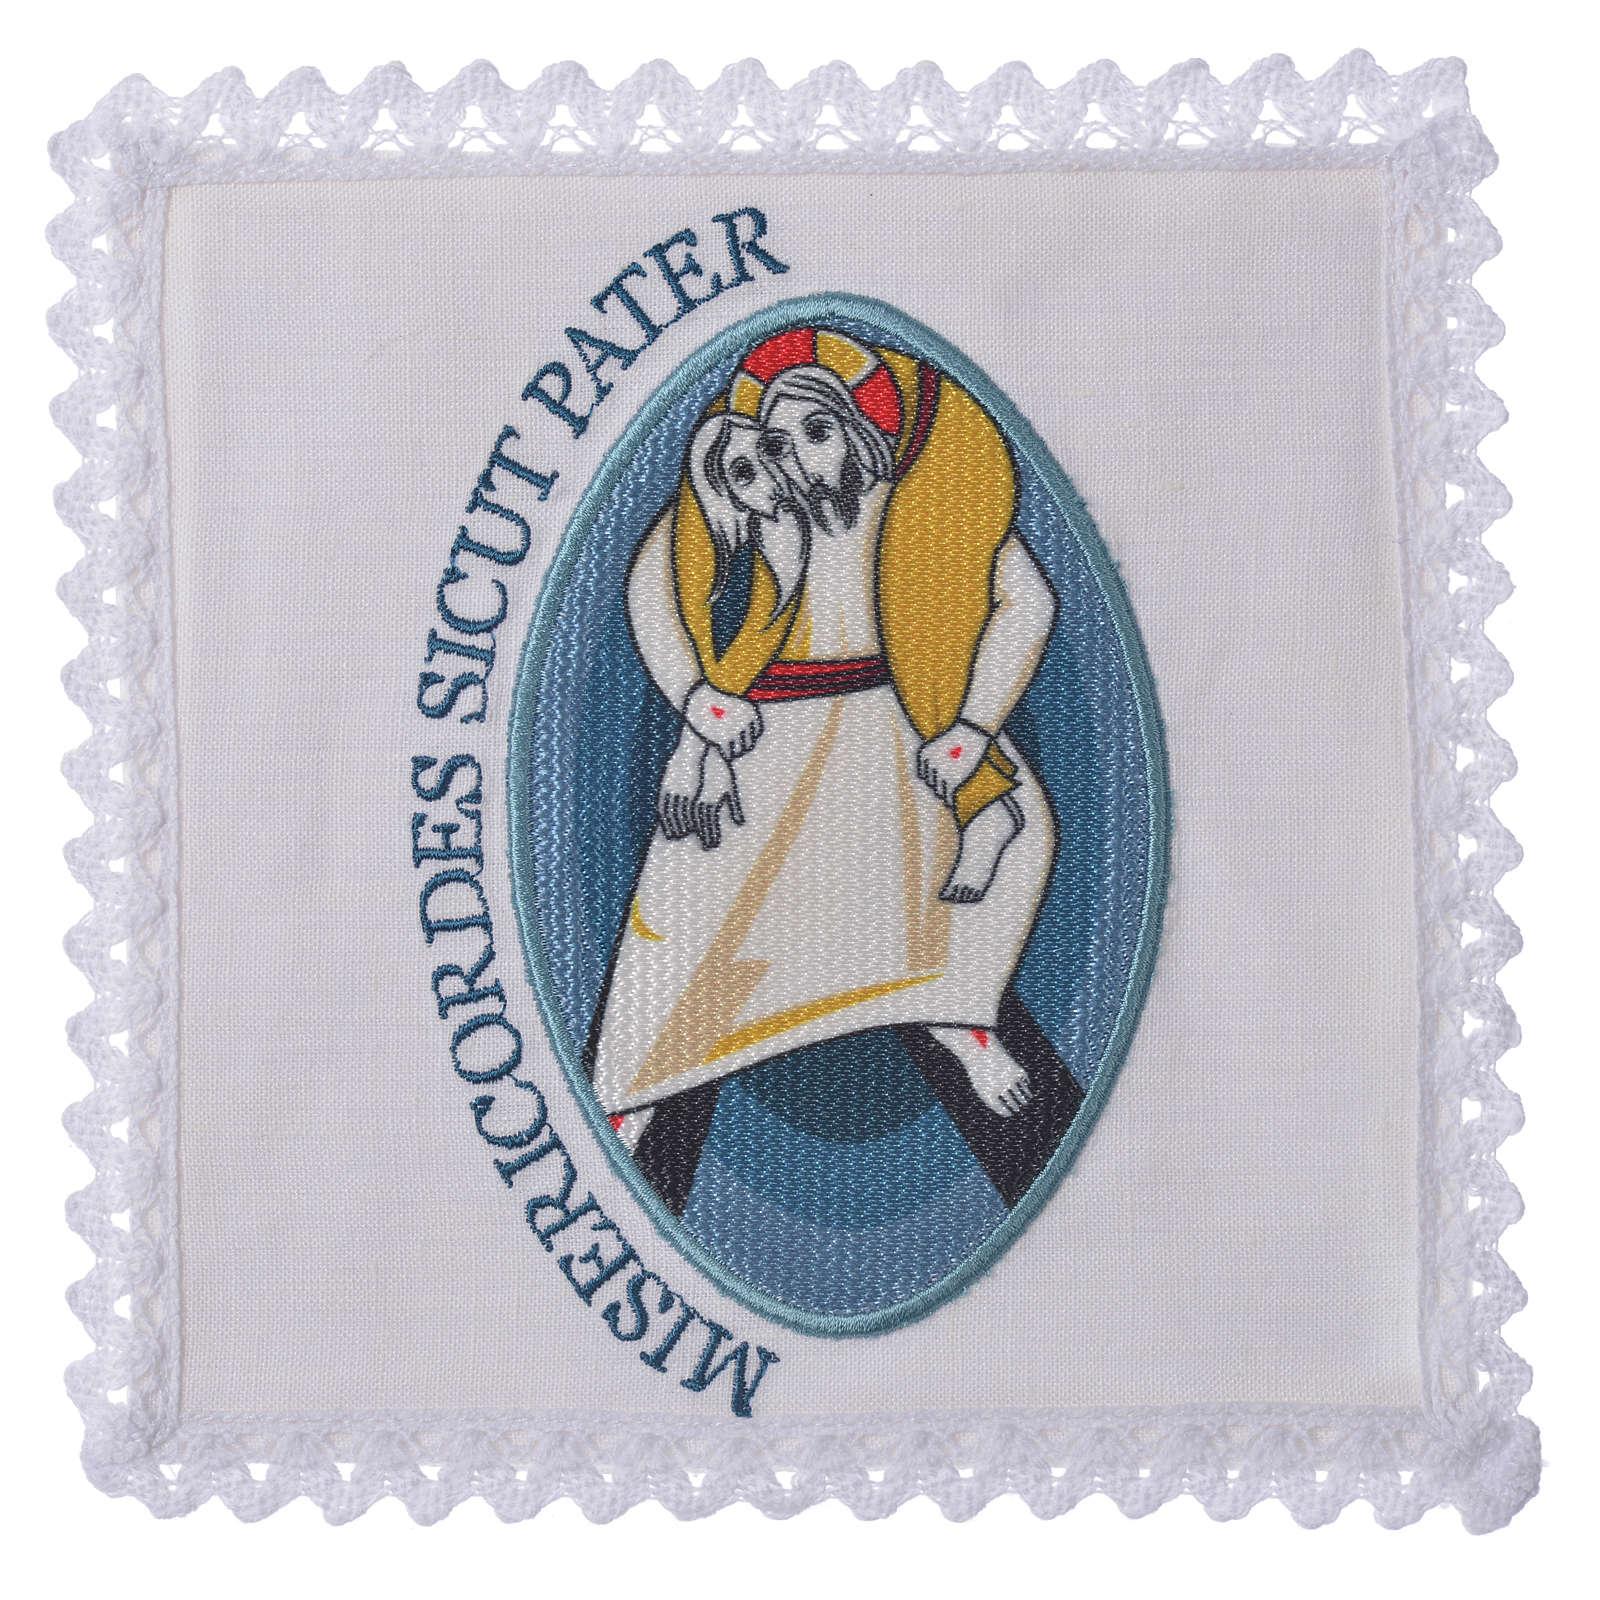 STOCK Juego de altar Jubileo de la Misericordia del Papa Francisco, con aplicación 4